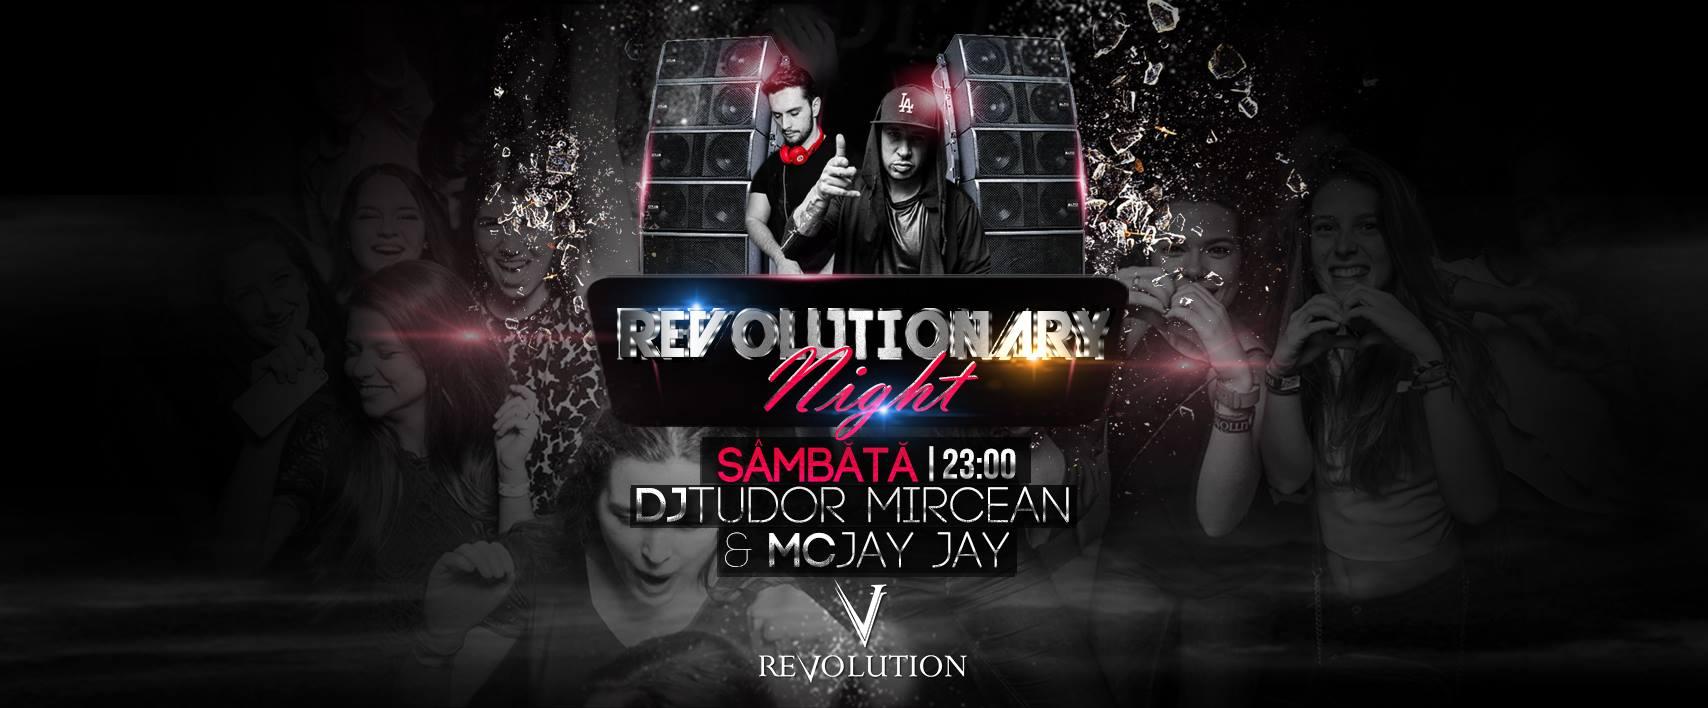 Revolutionary Night @ Revolution Club